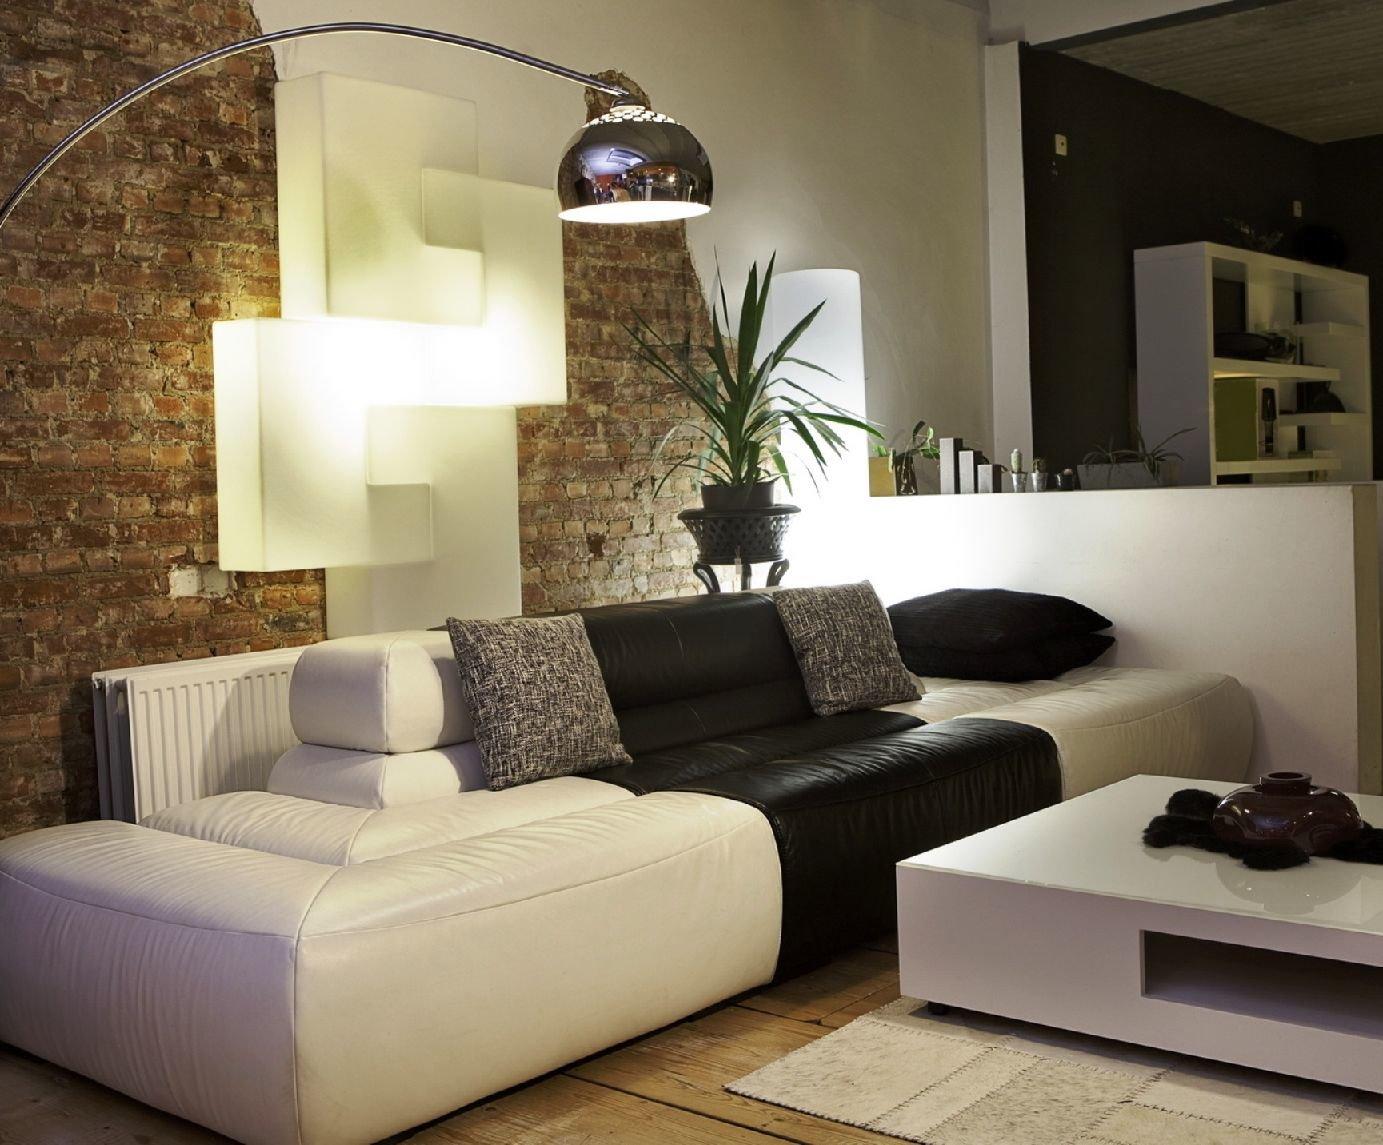 мебель белого цвета в современном нтерьере